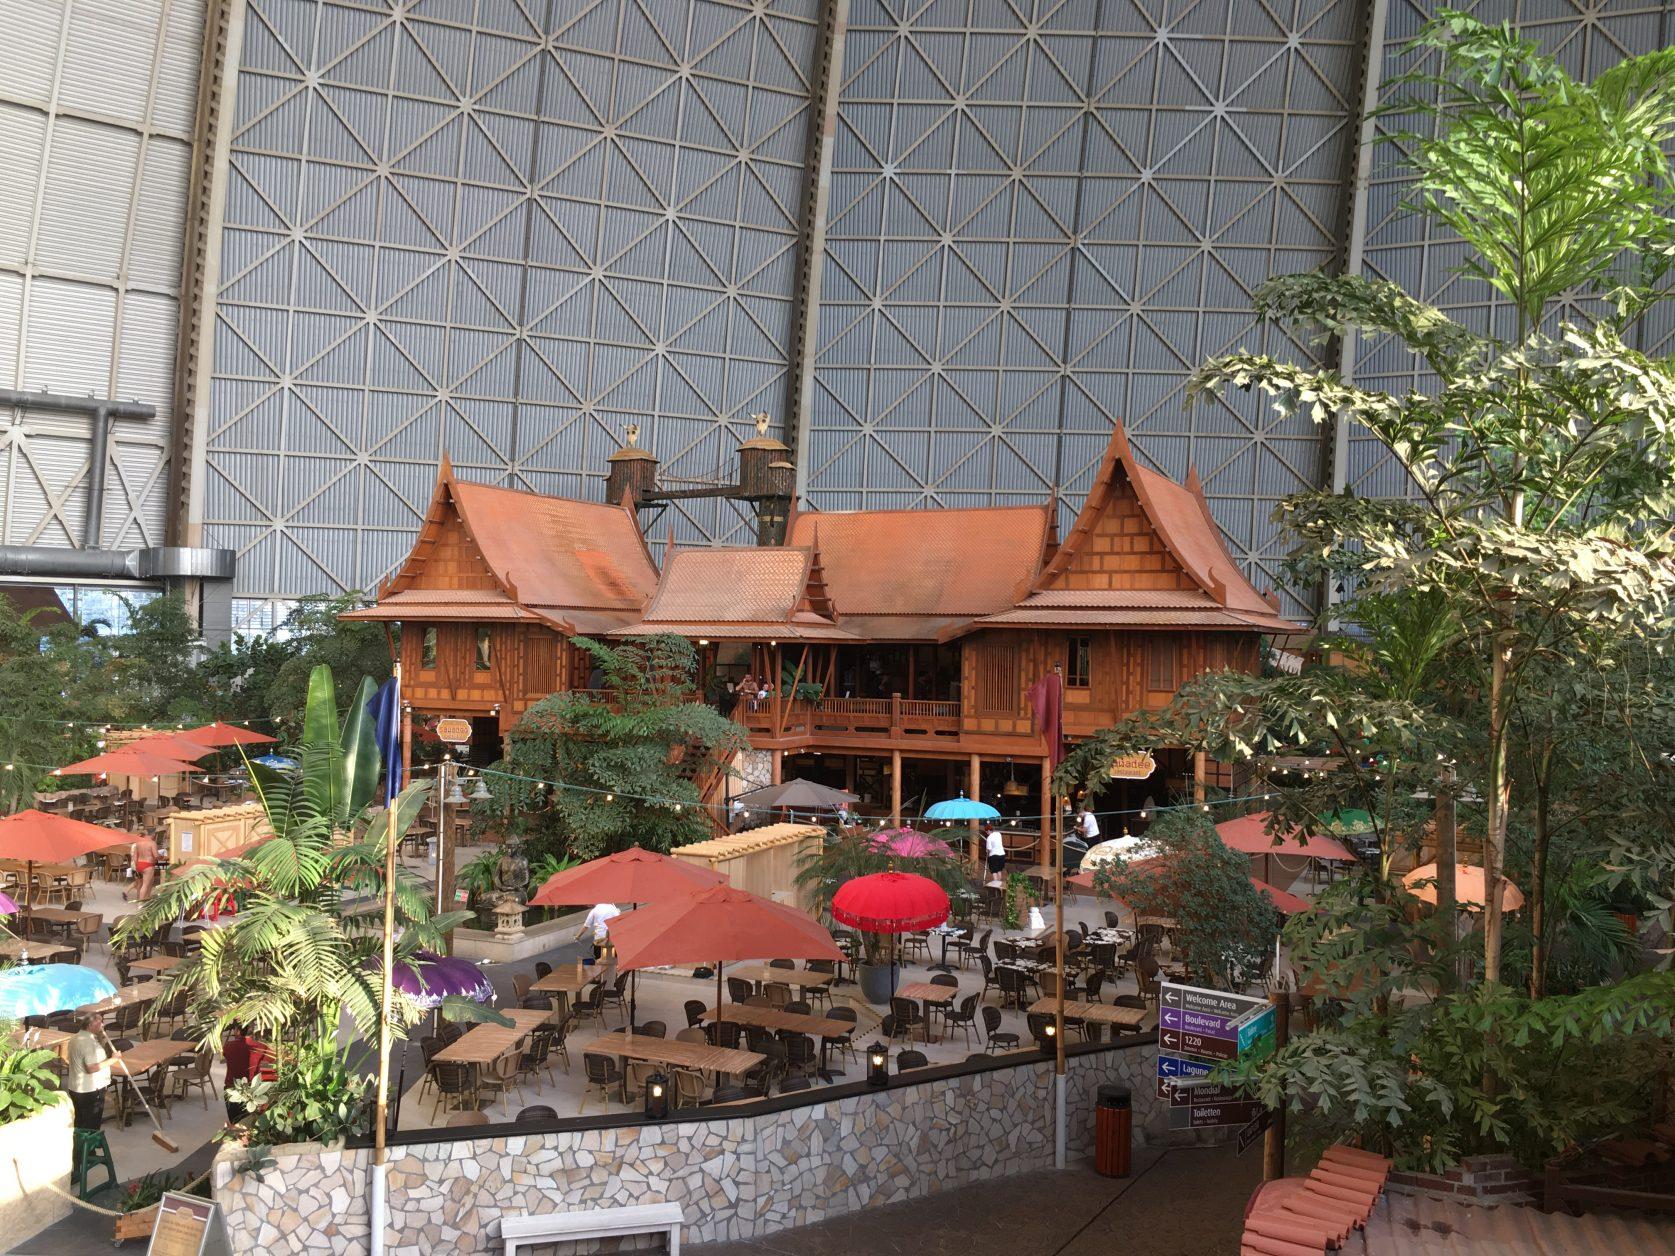 Am Montag sind die Restaurants recht leer, am Wochenende meist sehr voll, Foto: D.Weirauch